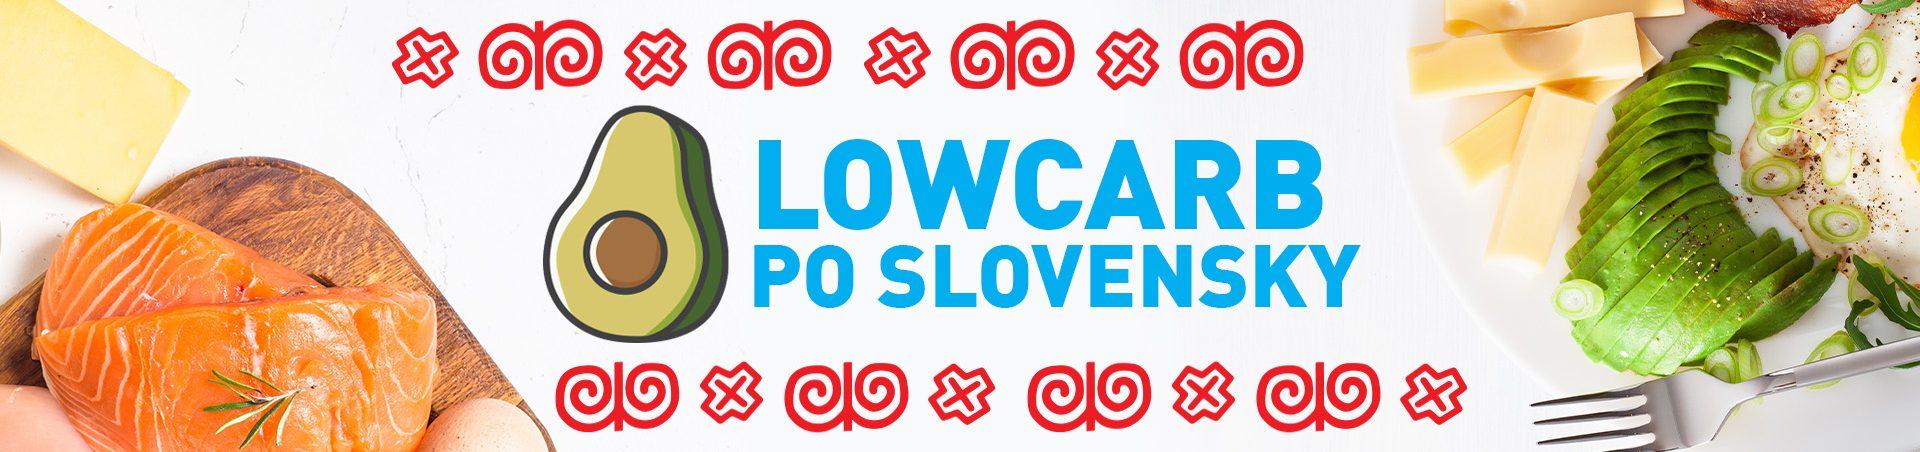 www.lowcarbposlovensky.sk